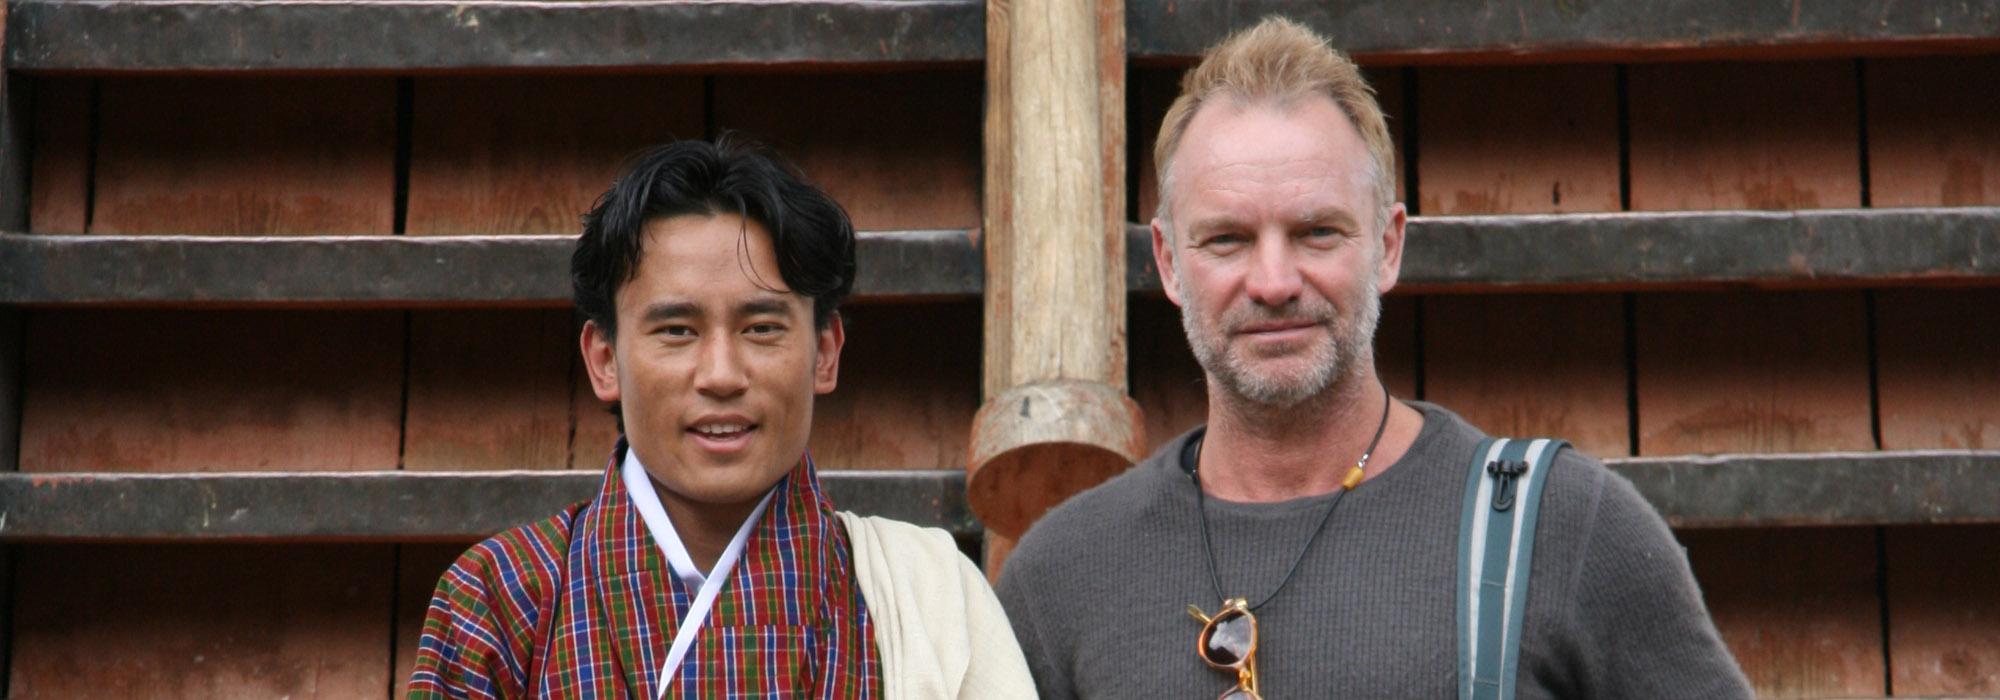 Sting trong chuyến nghỉ dưỡng tại Bhutan cùng gia đình và bạn bè